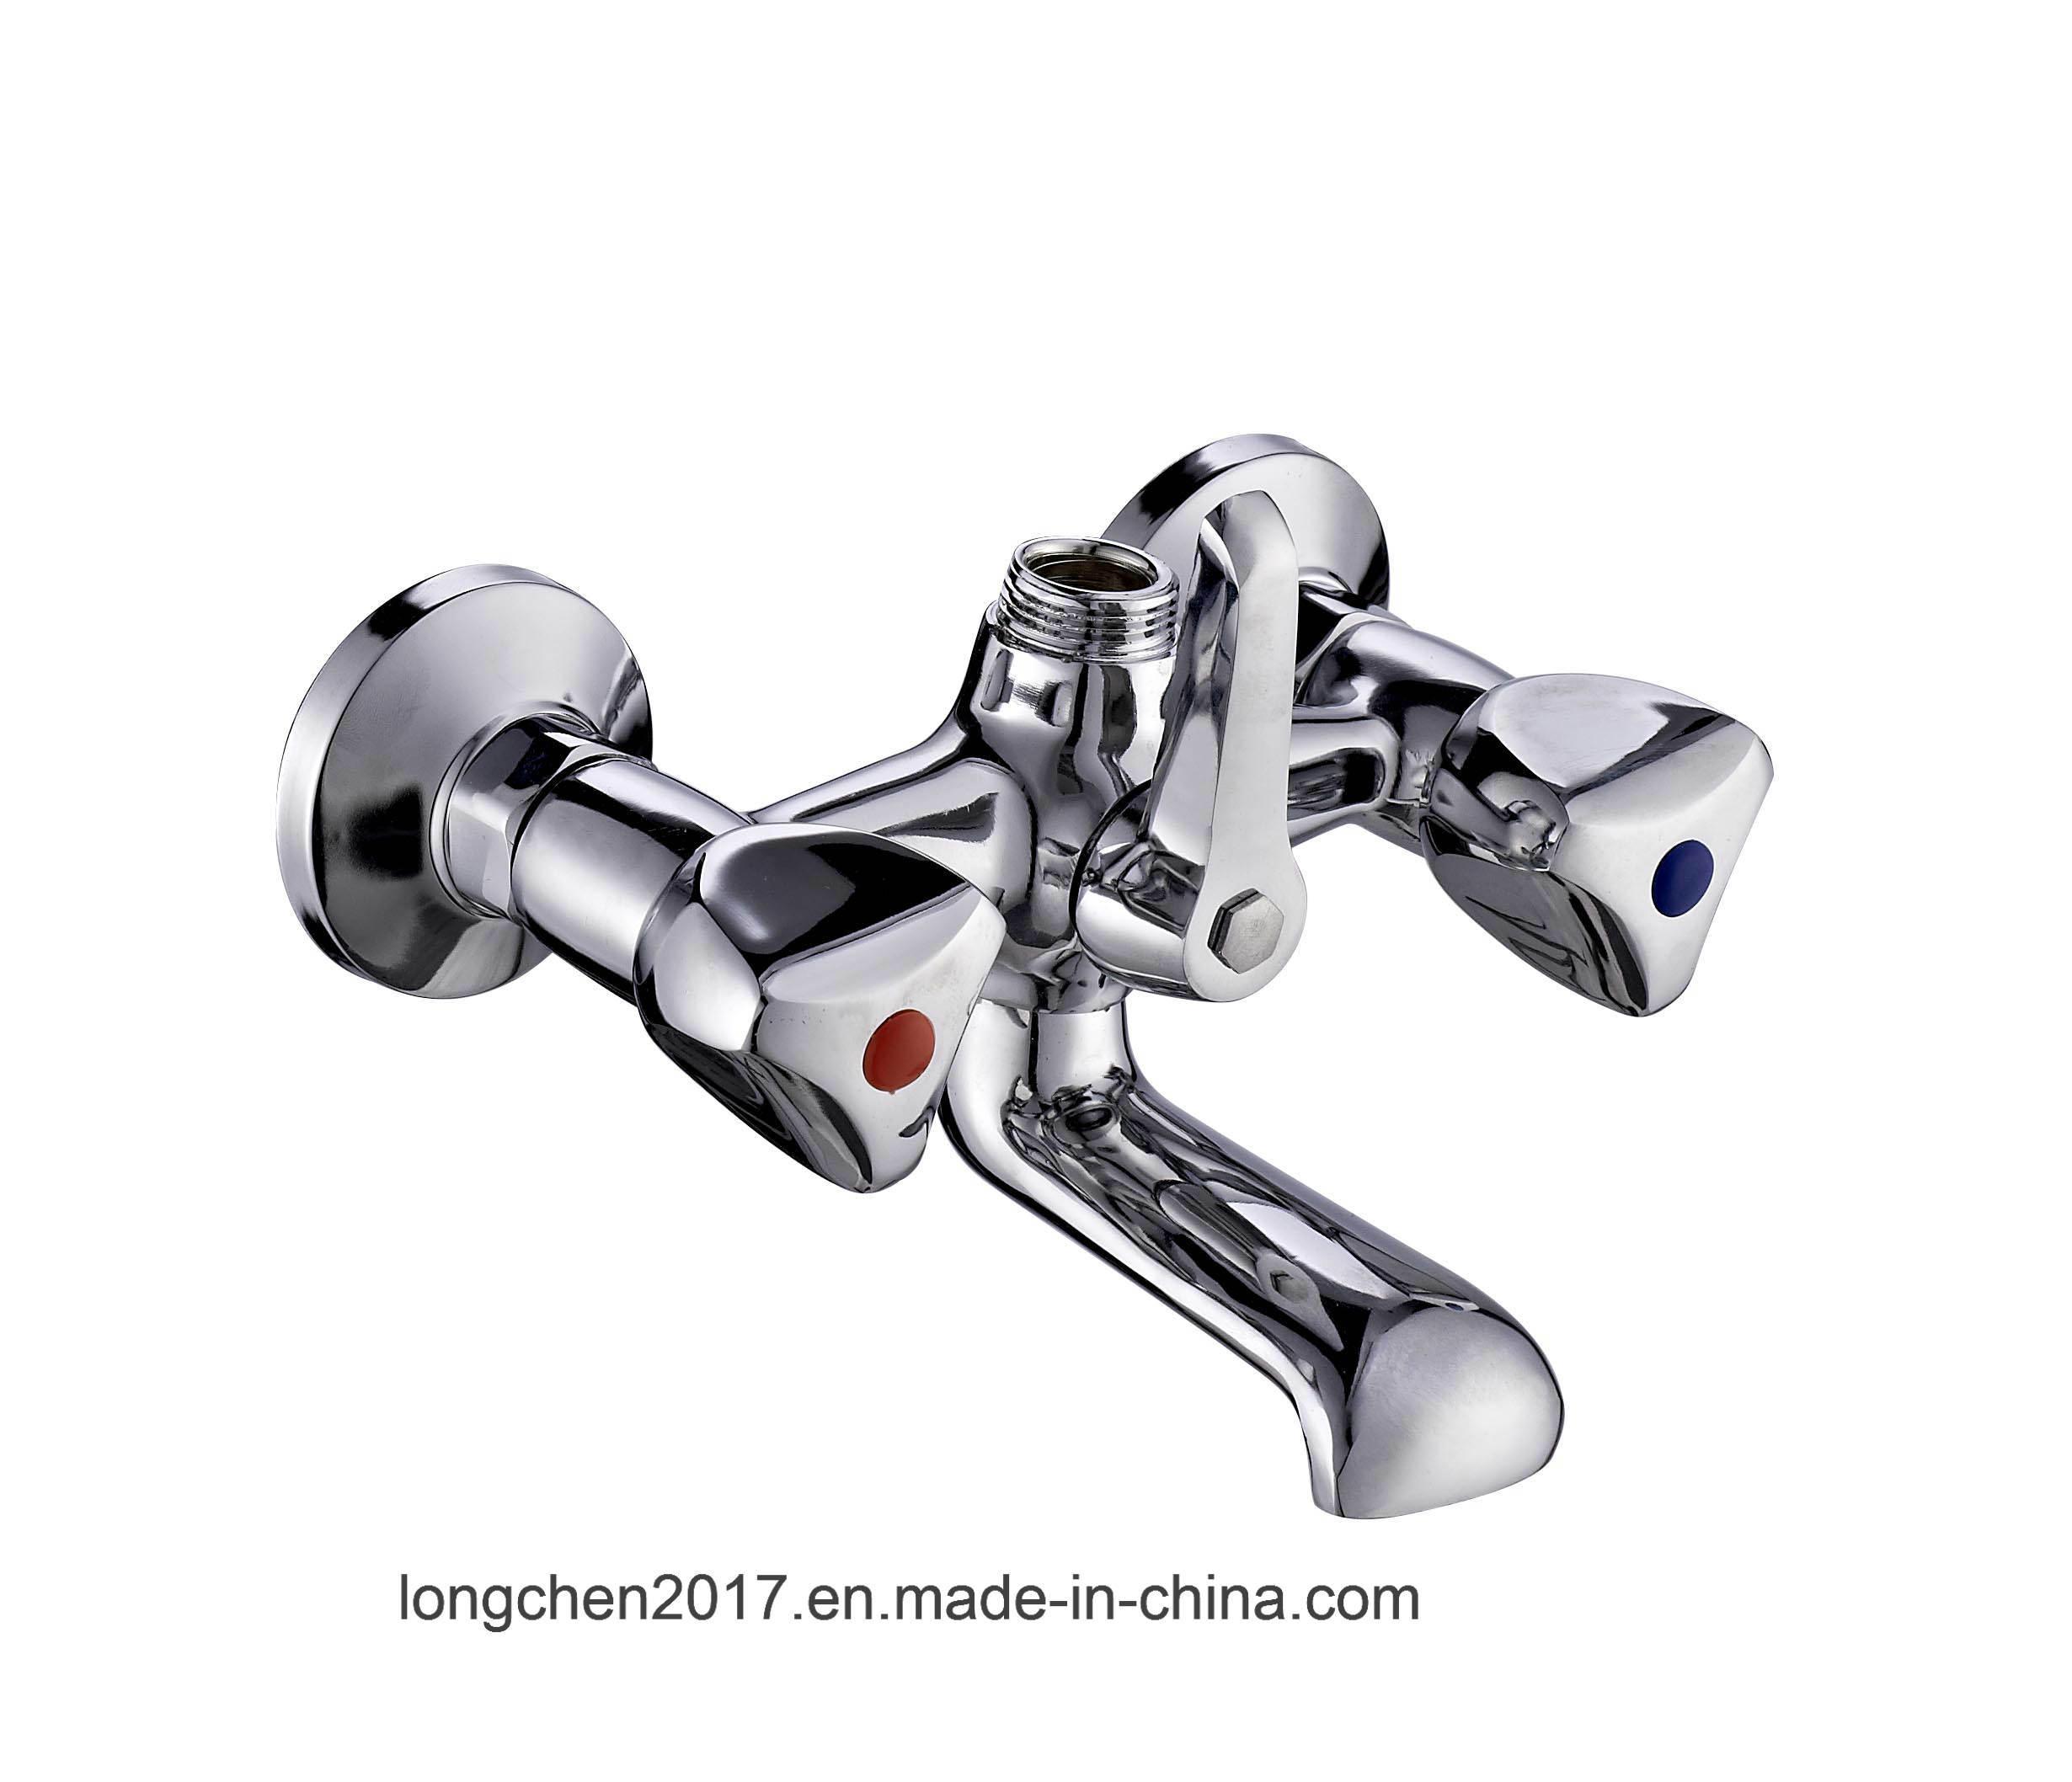 China Wholesale Double Handle Bath Faucet 60076-Zsj - China Faucet ...